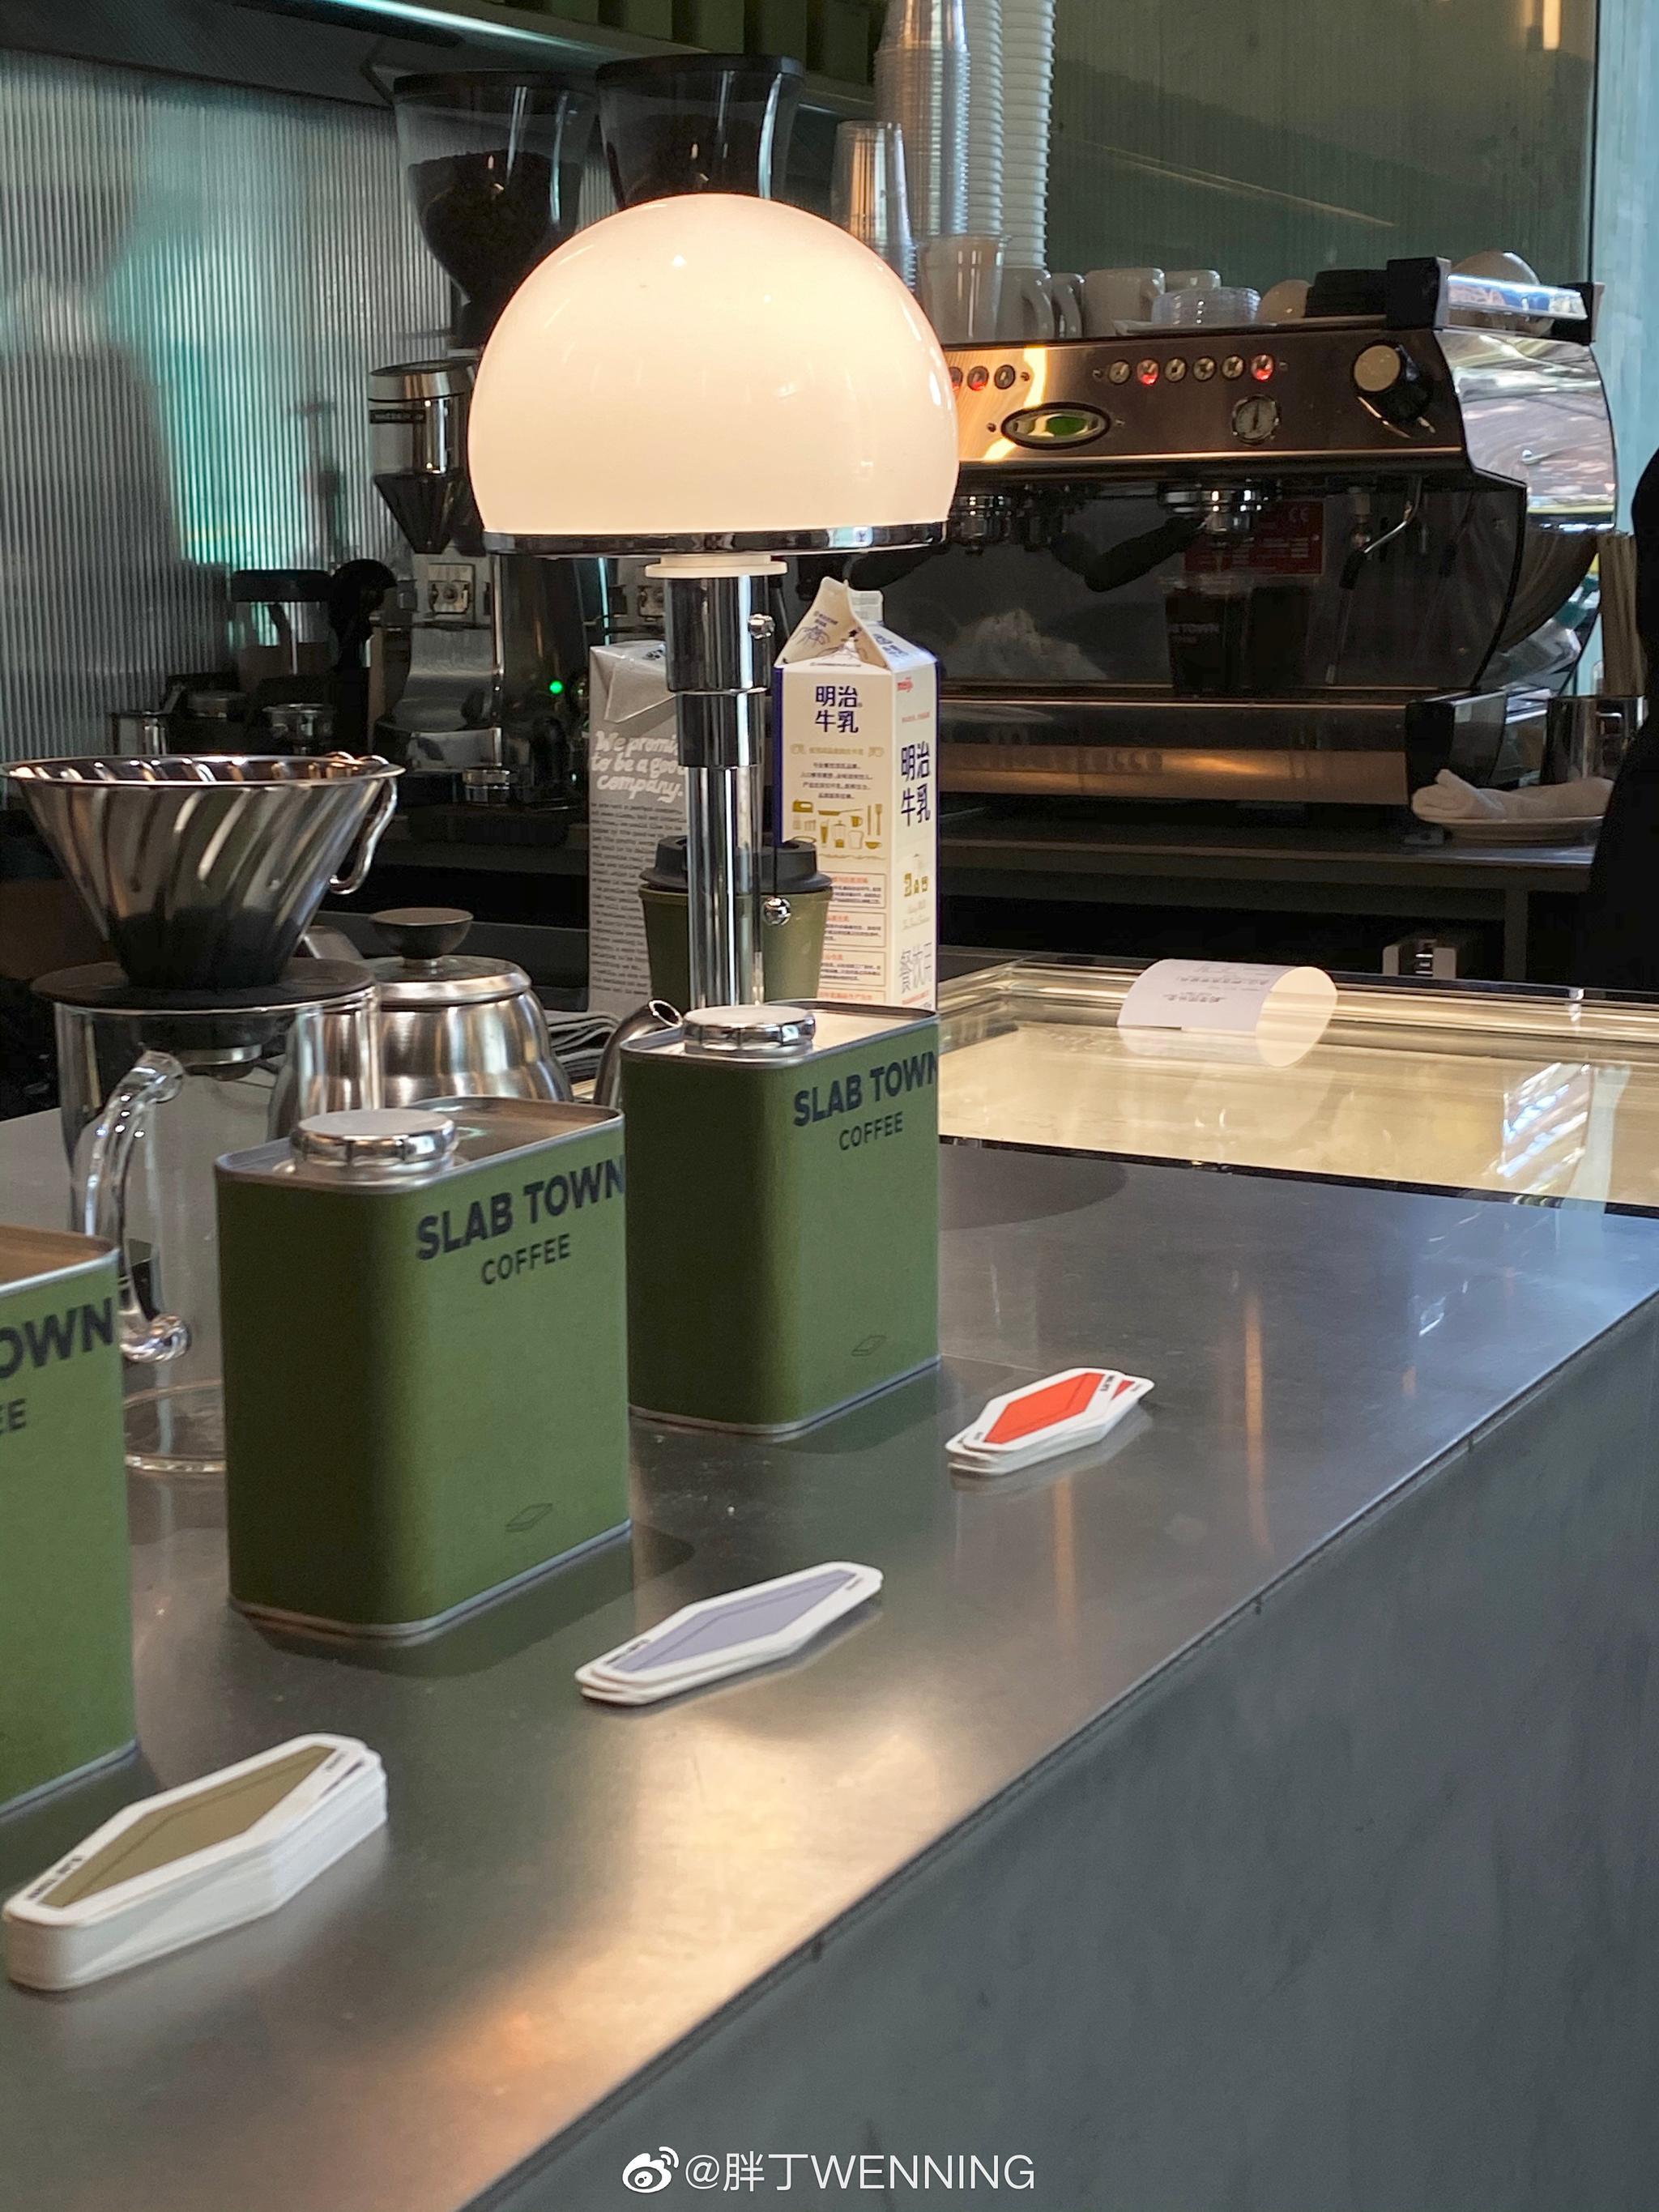 咖啡狂魔的探店 上海 SLAB TOWN一家不大但却错落有致充满军绿色